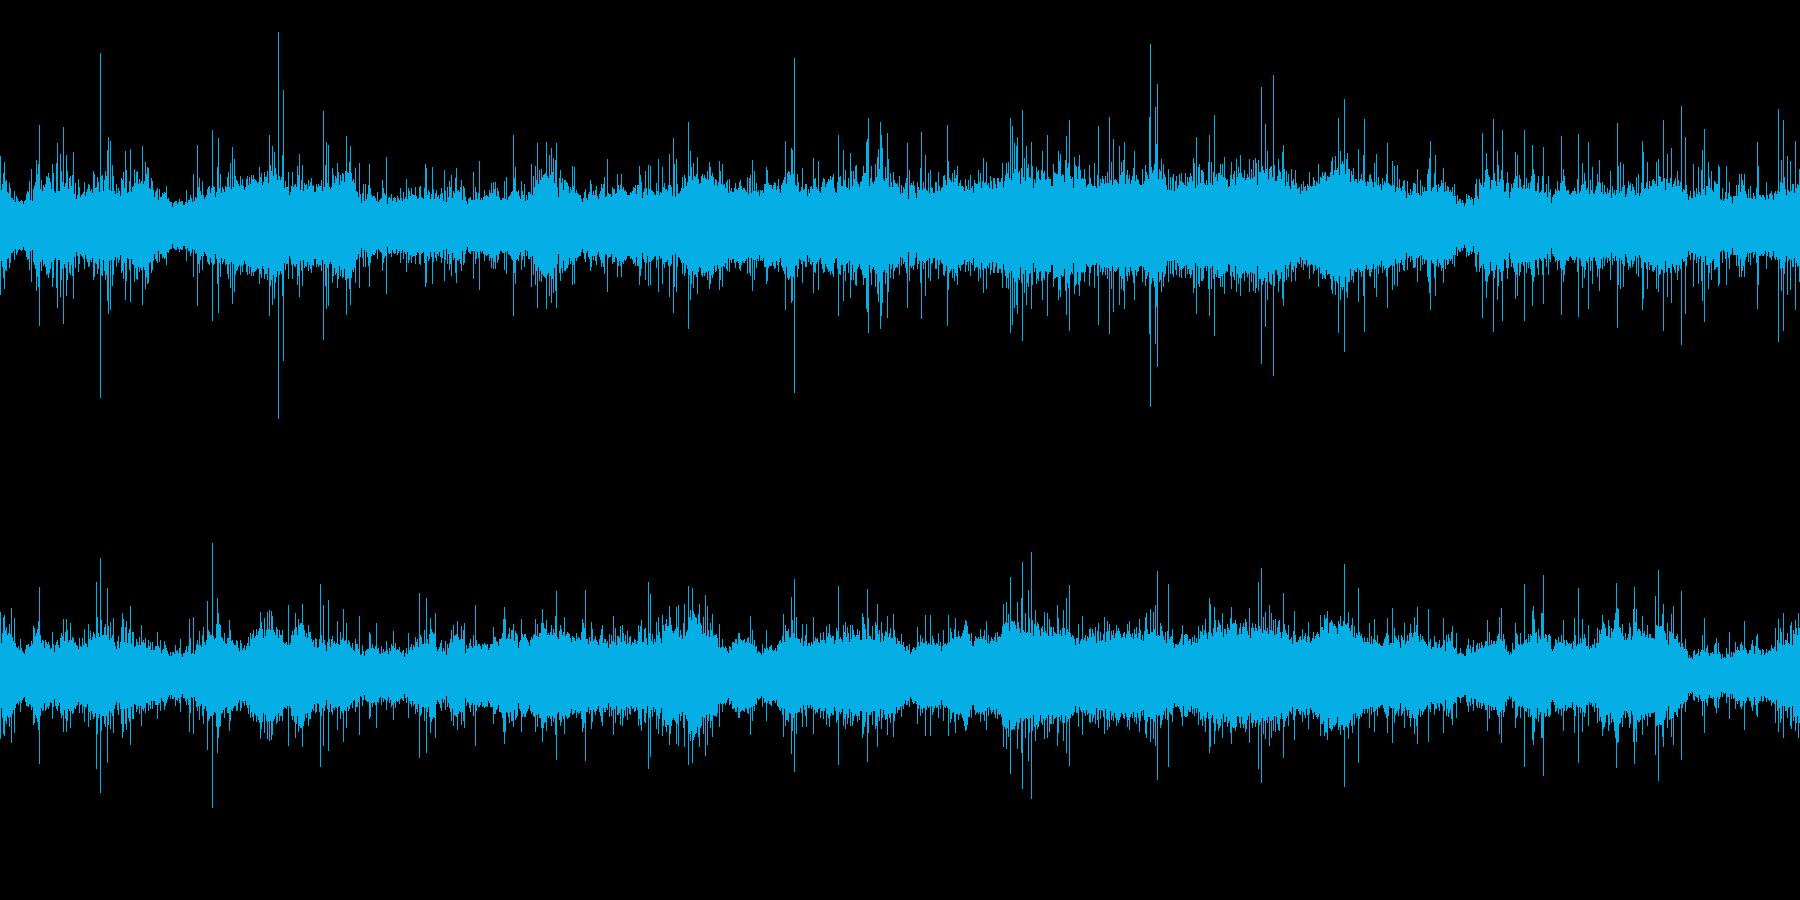 ムードノイズ「サラサラ…」1の再生済みの波形